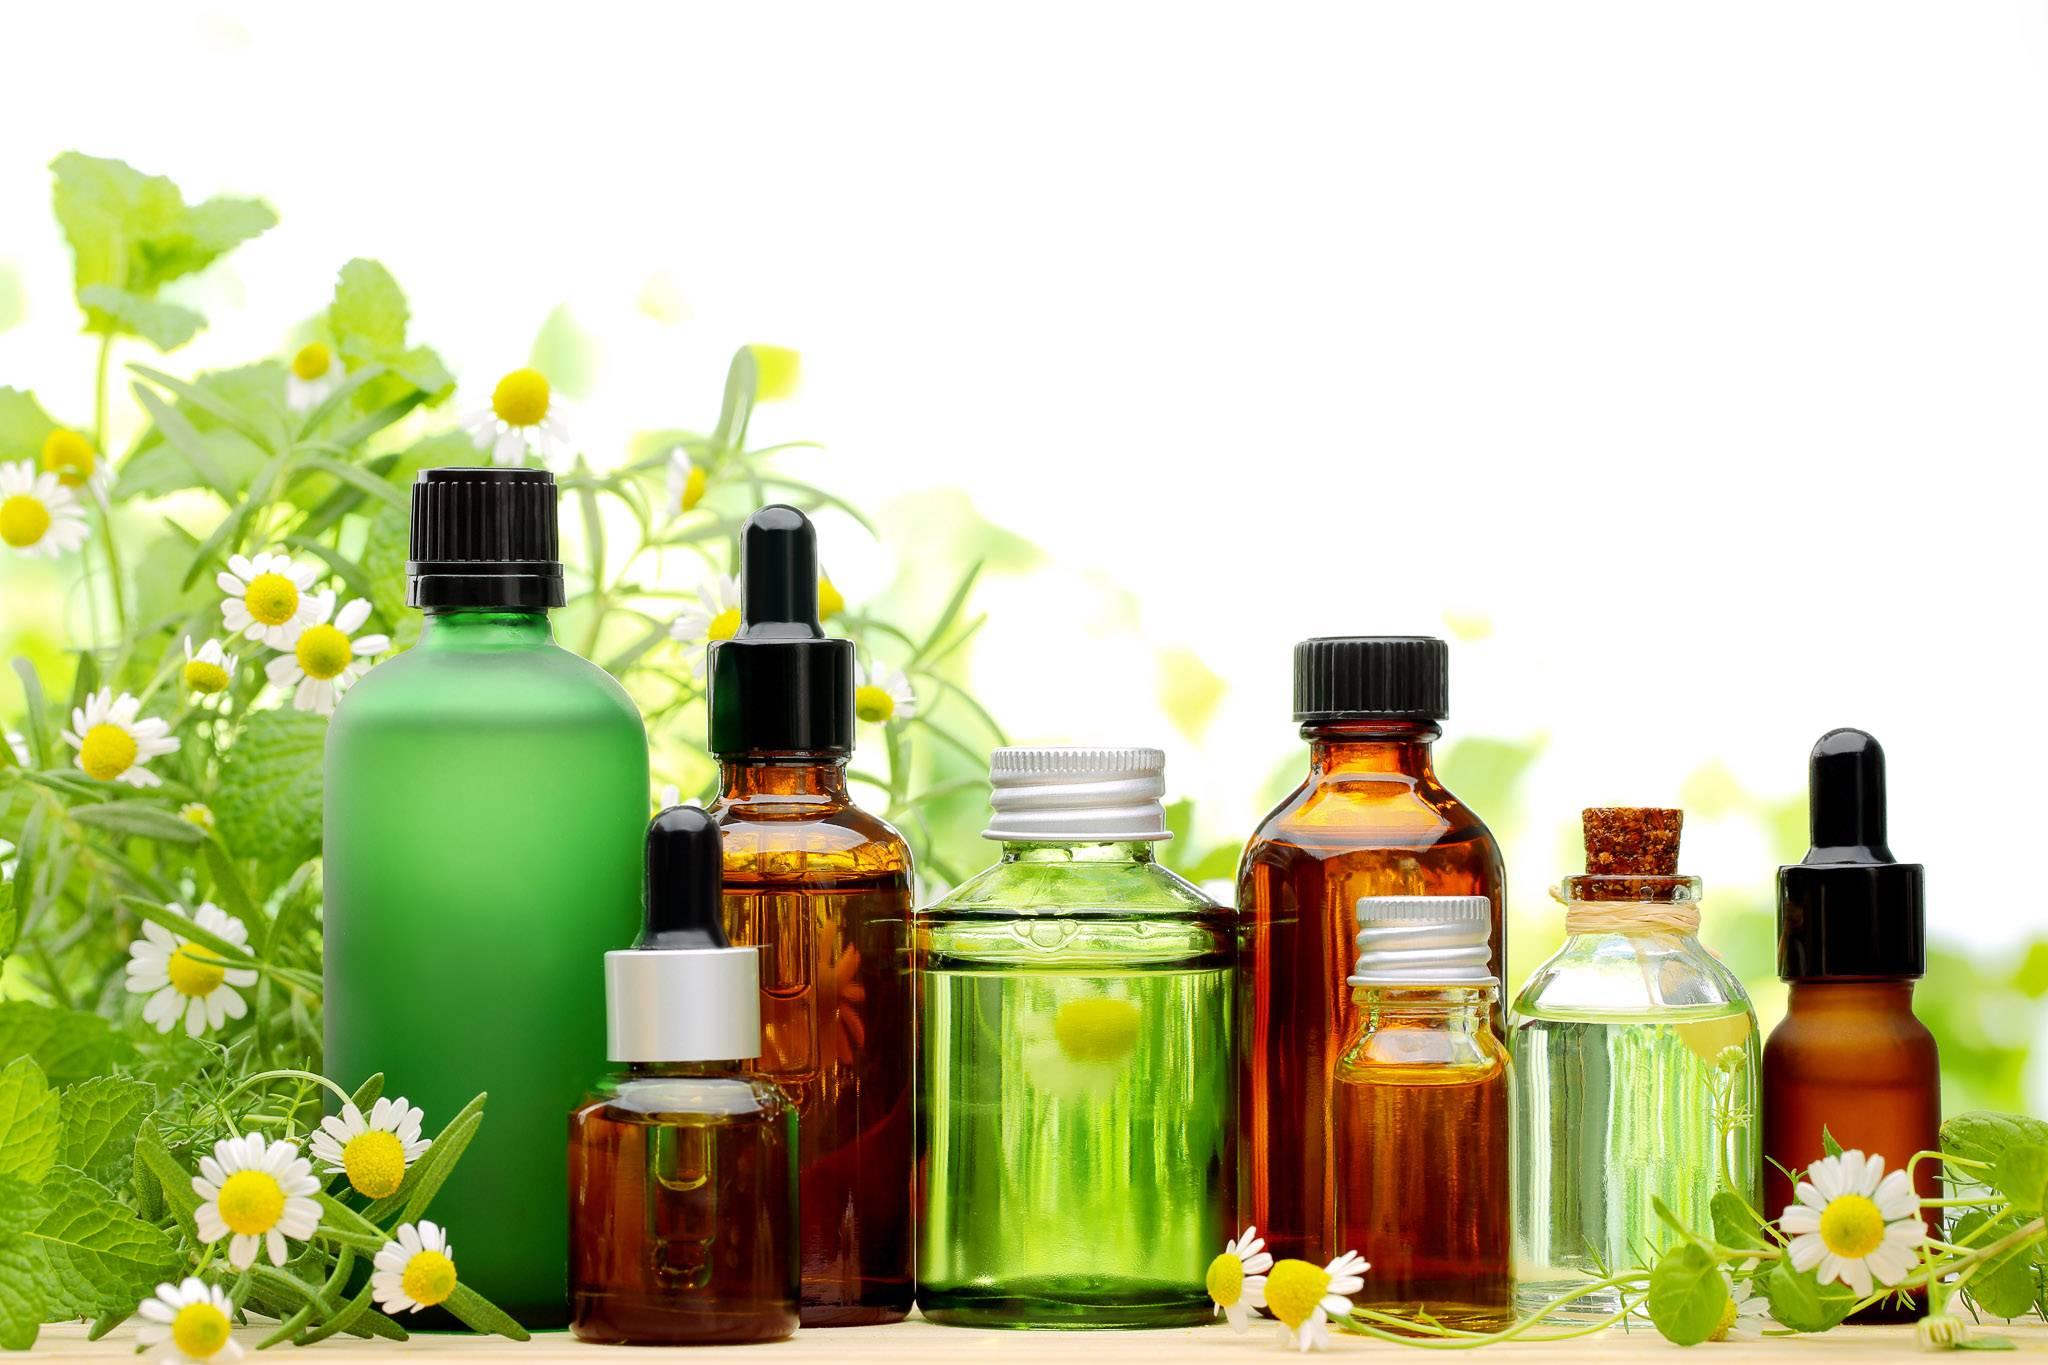 Bilde av flasker med eterisk olje